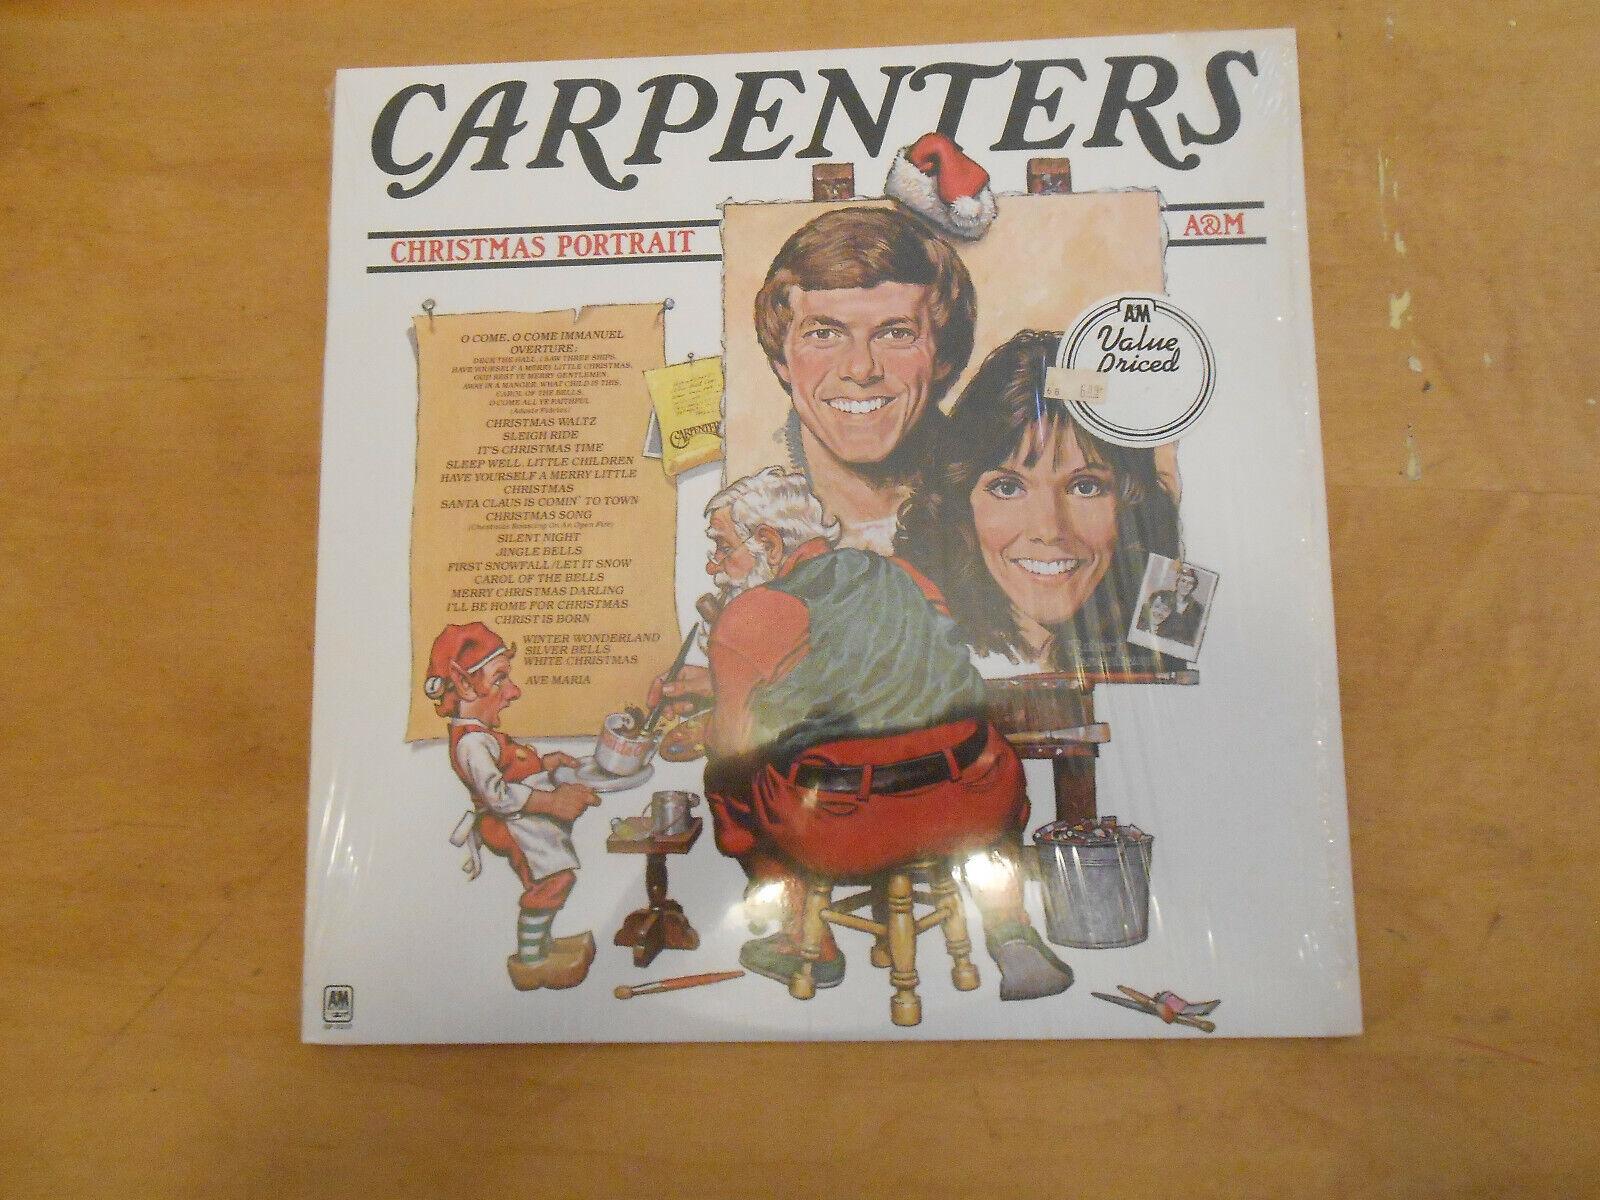 THE CARPENTERS CHRISTMAS PORTRAIT, A M SP-3210, VINYL LP 1978, NO LYRICS INSERT - $19.99